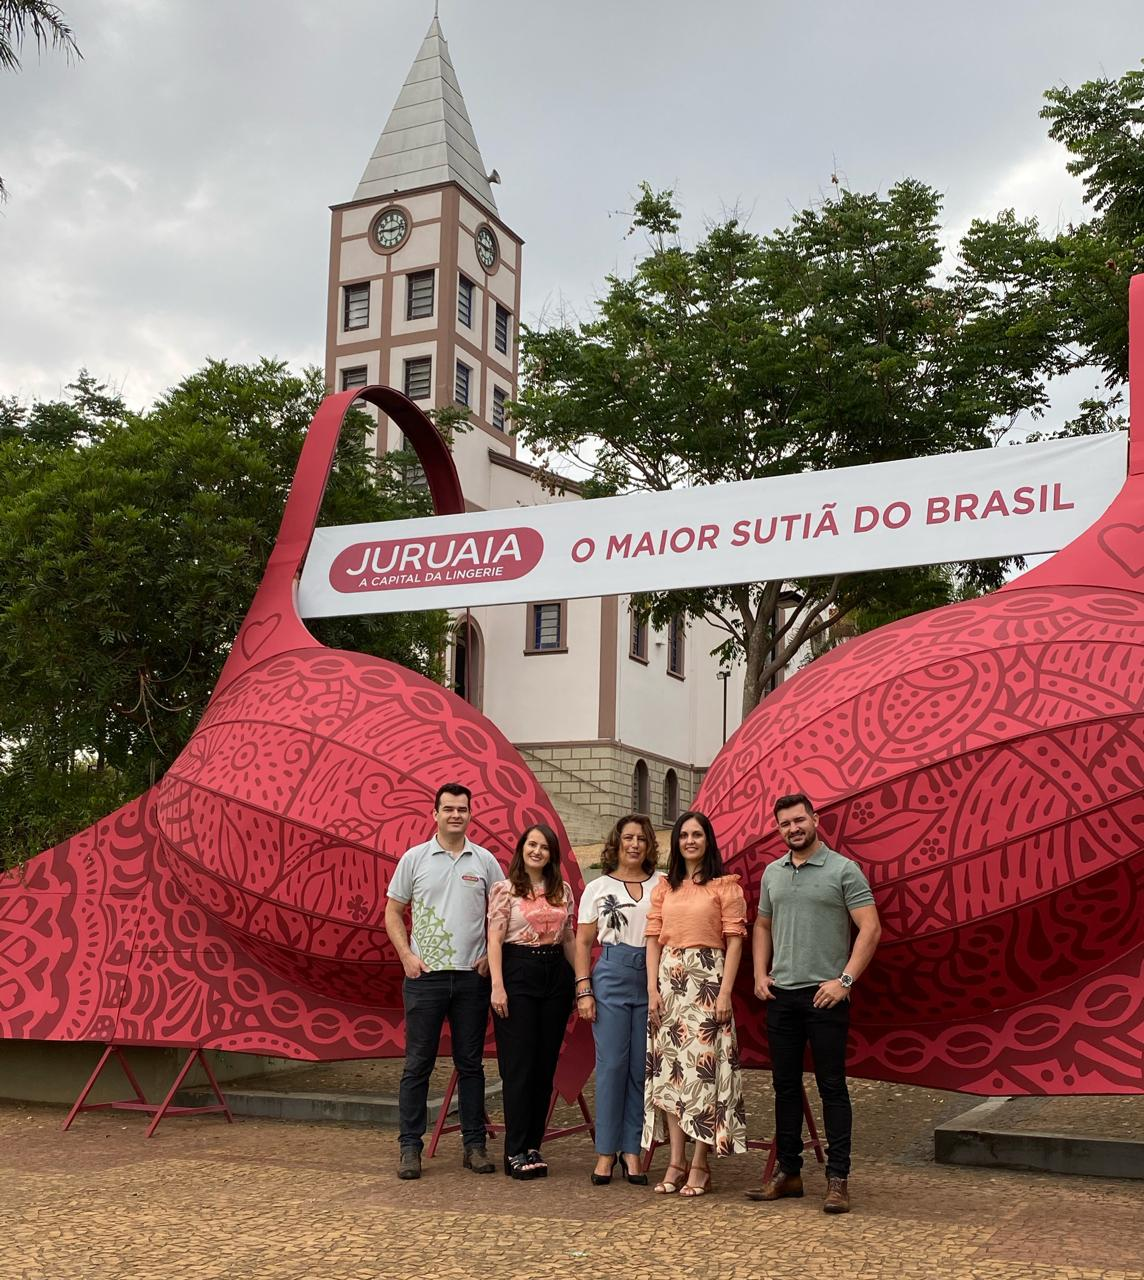 Veja como foi a reinauguração do Maior Sutiã do Brasil, diretamente de Juruaia